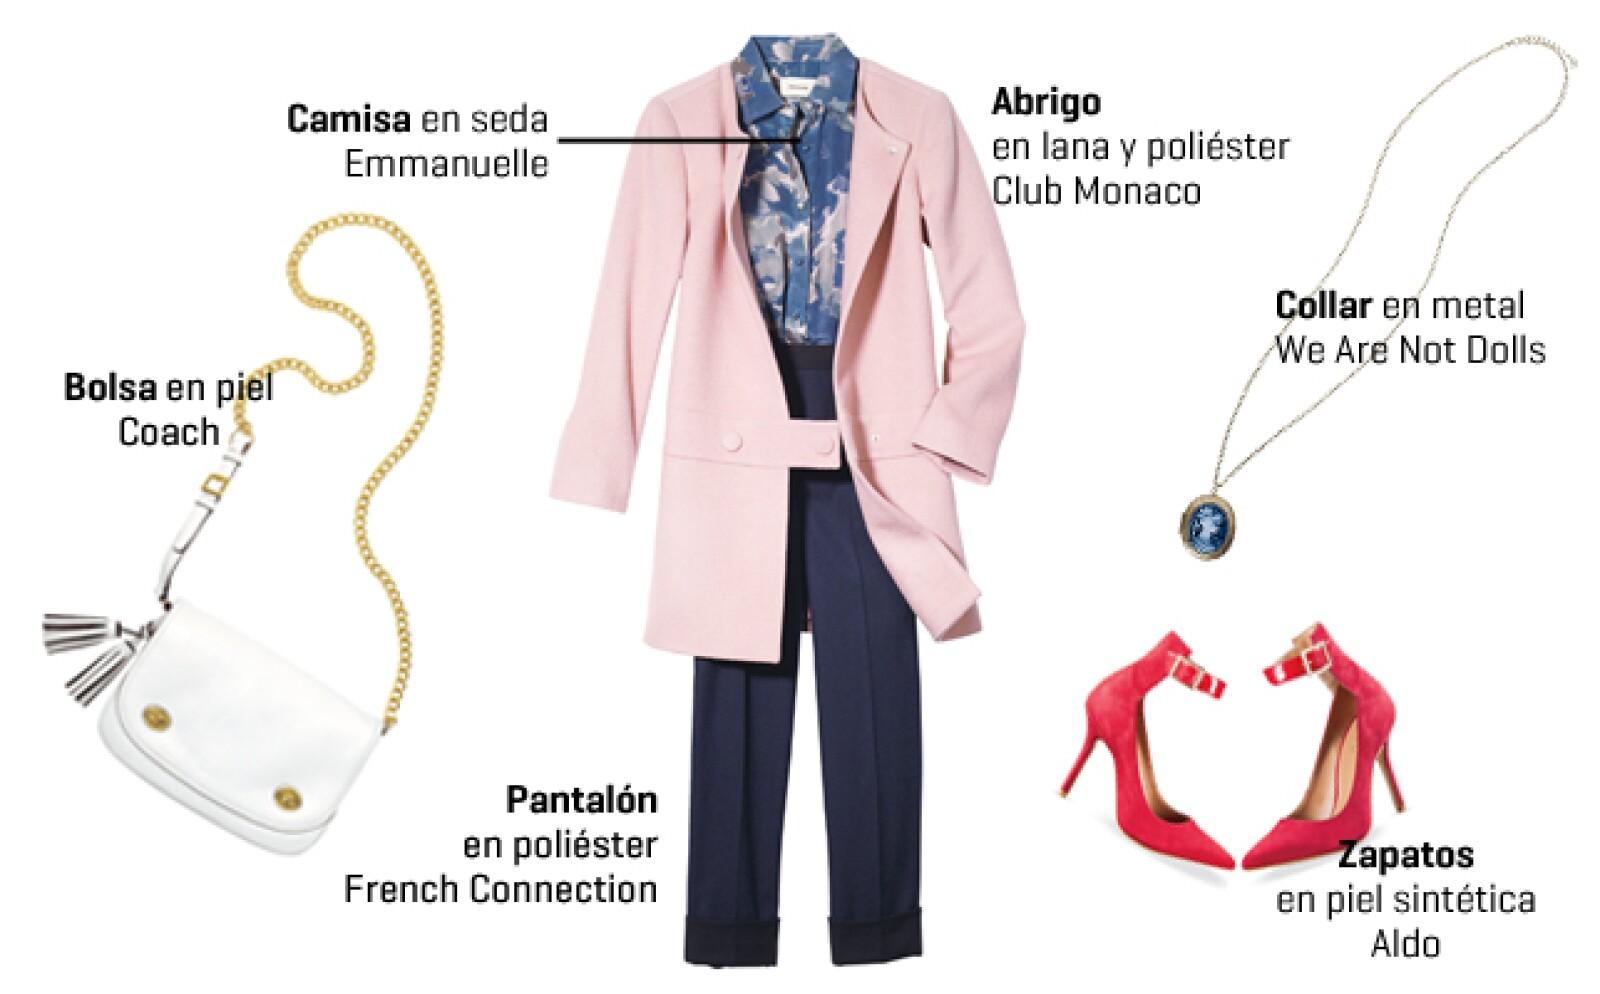 Si te gusta innovar con tu guardarropa, entonces prueba con un abrigo de corte simple, en tono palo de rosa. Úsalo con pantalón y blusa en color oscuro para lucir elegante. Complementa con accesorios en colores llamativos.